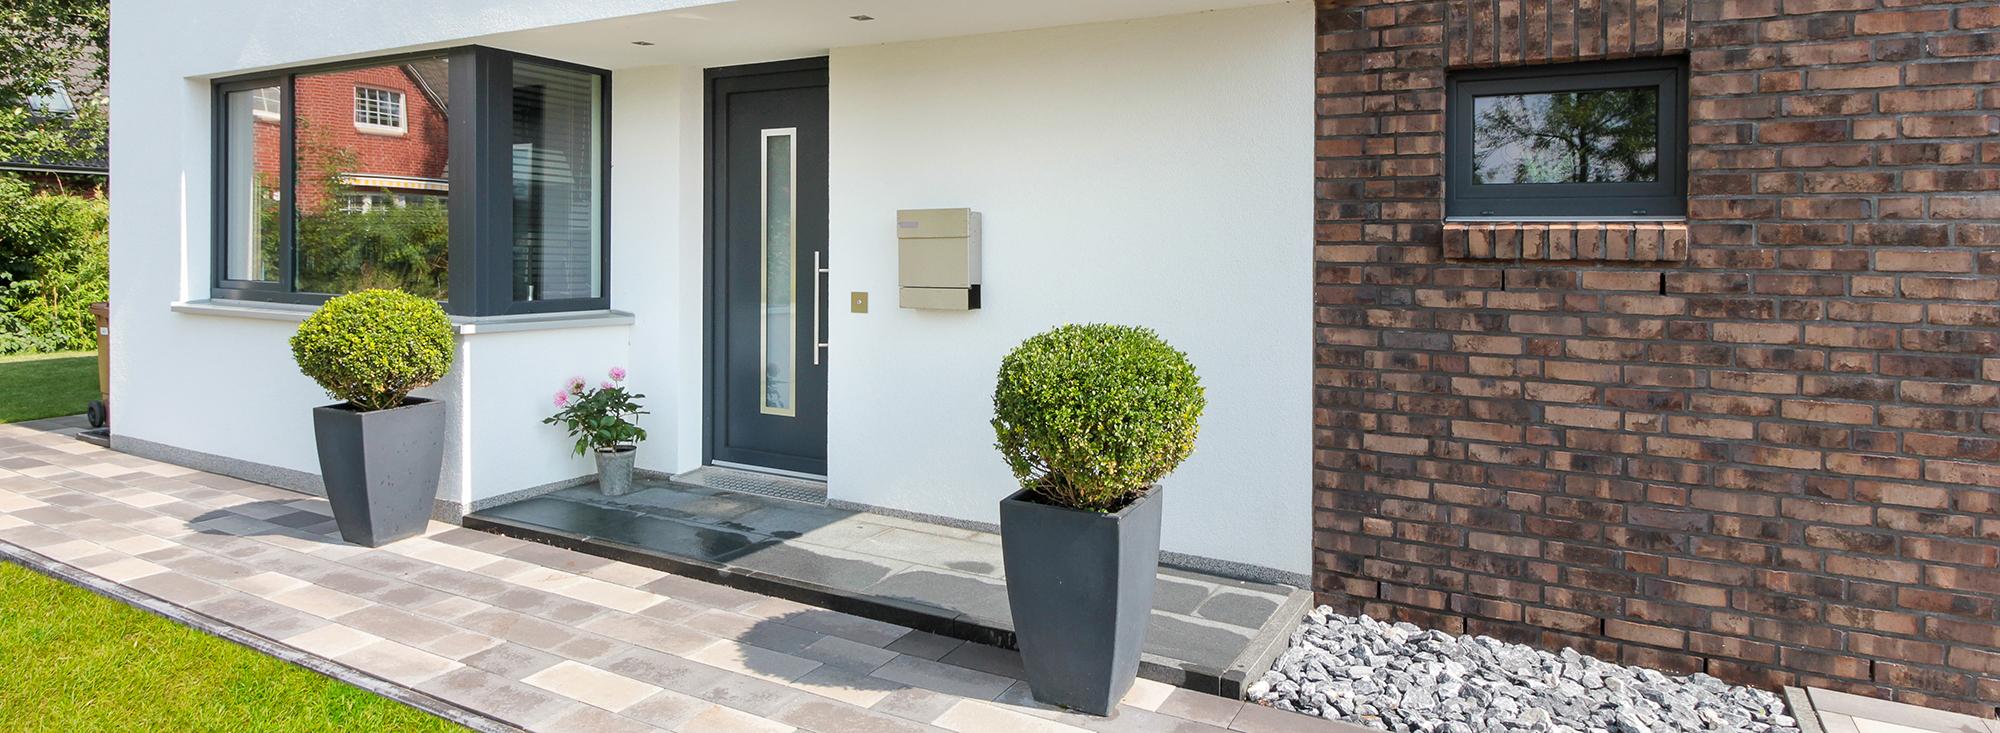 Amüsant Moderne Hauseingänge Sammlung Von Eingang